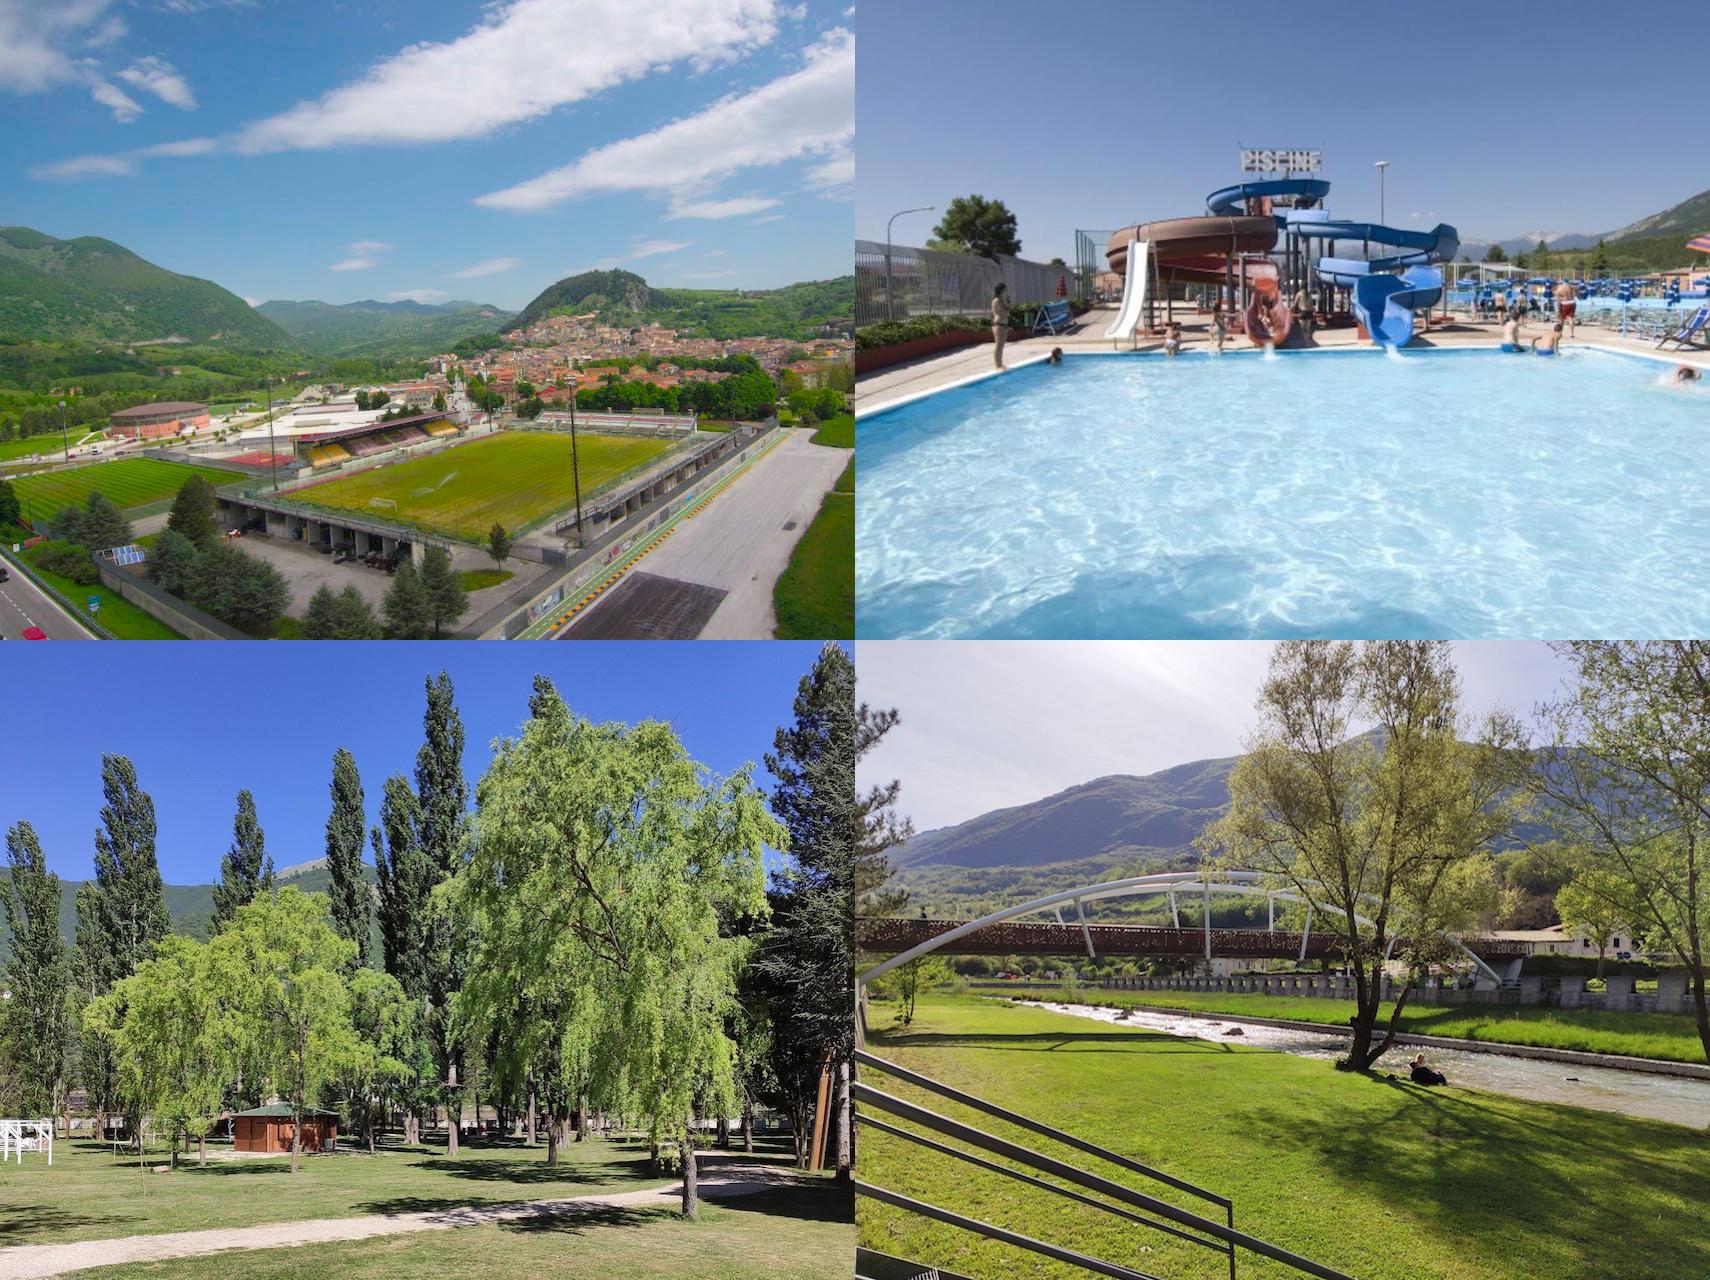 Hotel Castel di Sangro - River Hotel Castel di Sangro vacanze 2020